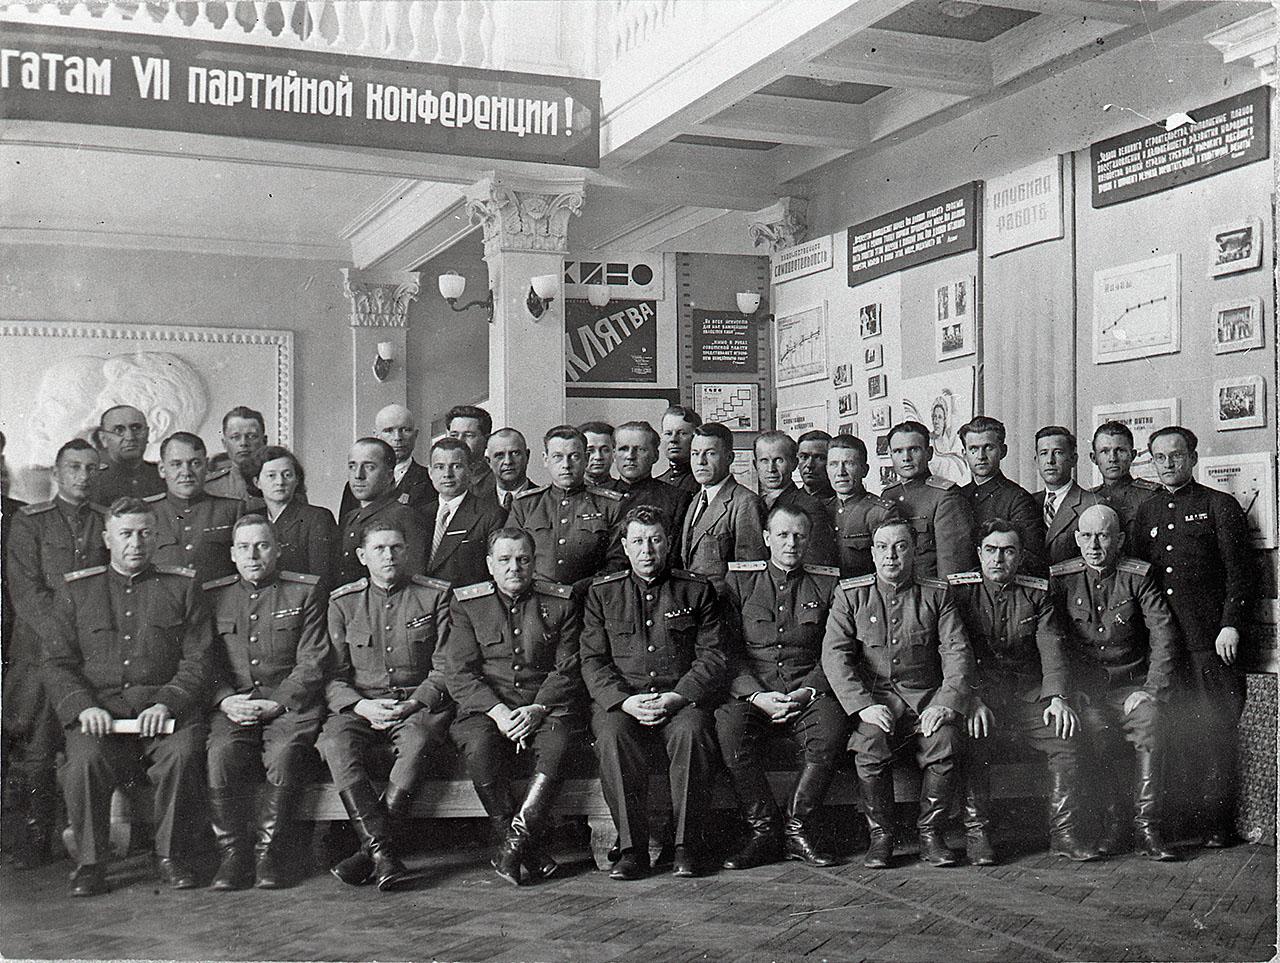 Никишов И.Ф. с делегатами седьмой партийной конференции. Магадан.